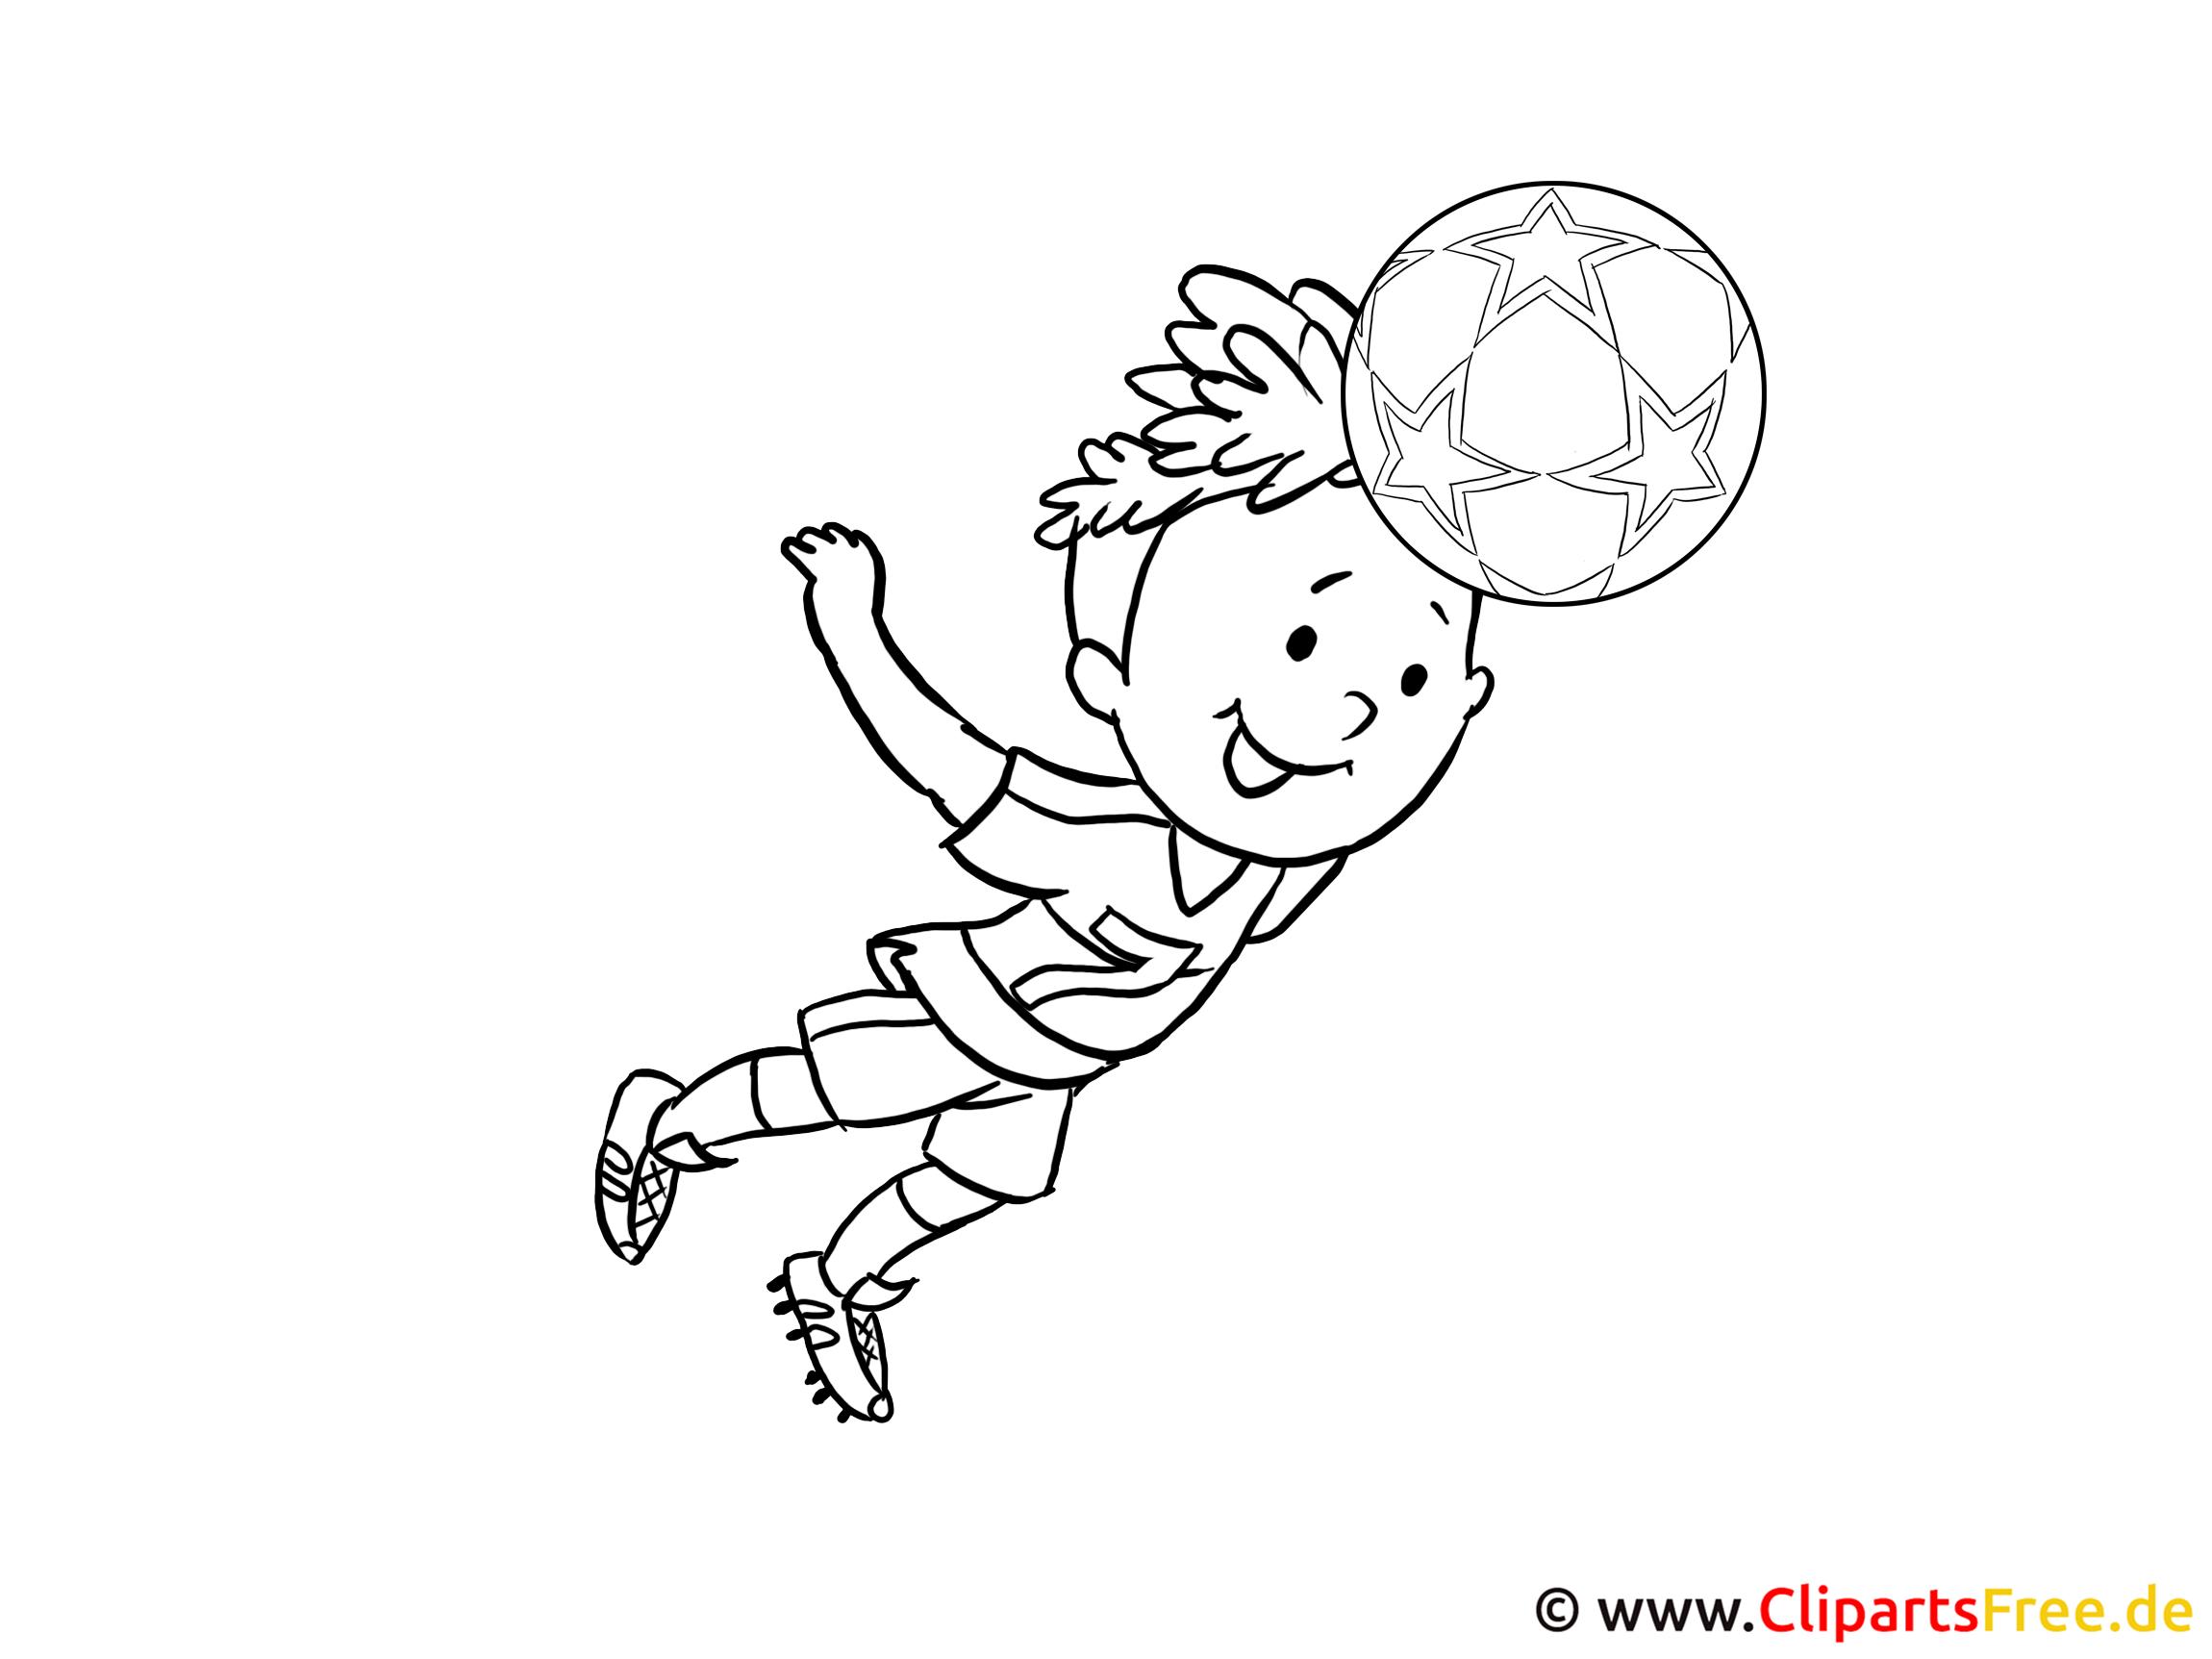 Kindermalvorlage Kind spielt Fussball